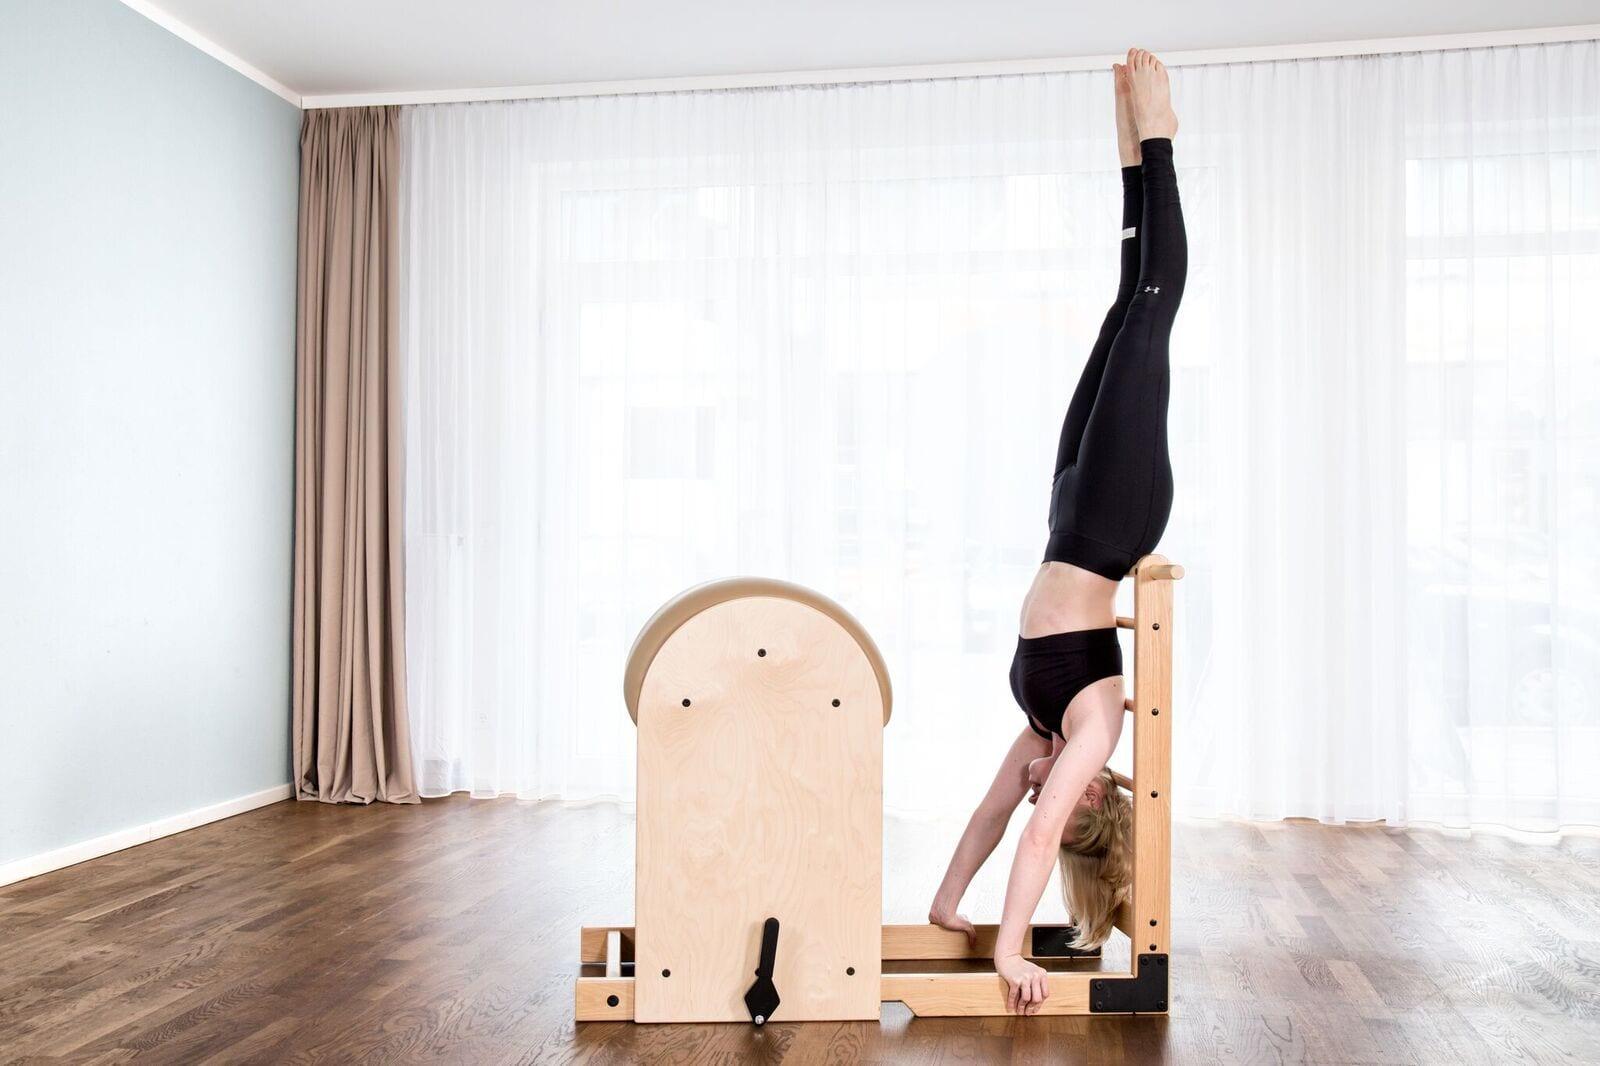 Handstand am High Barrel klassische Pilates Übung mit Gina Mathis Pilates Studio München